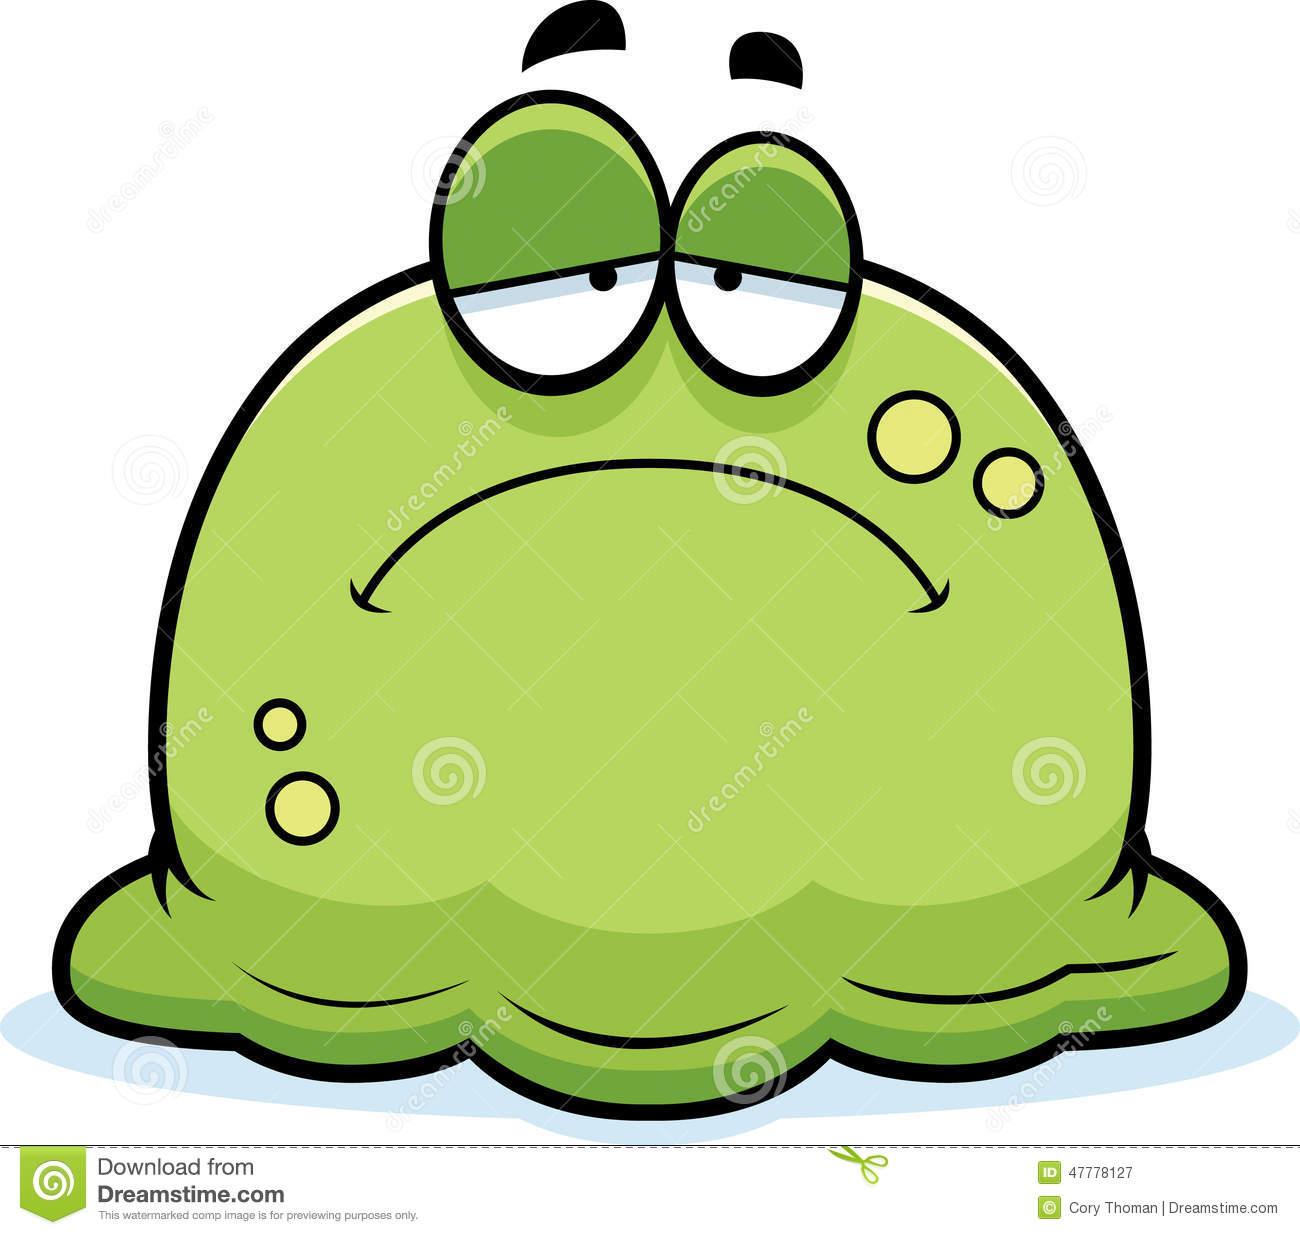 Green yellow mucus clipart.